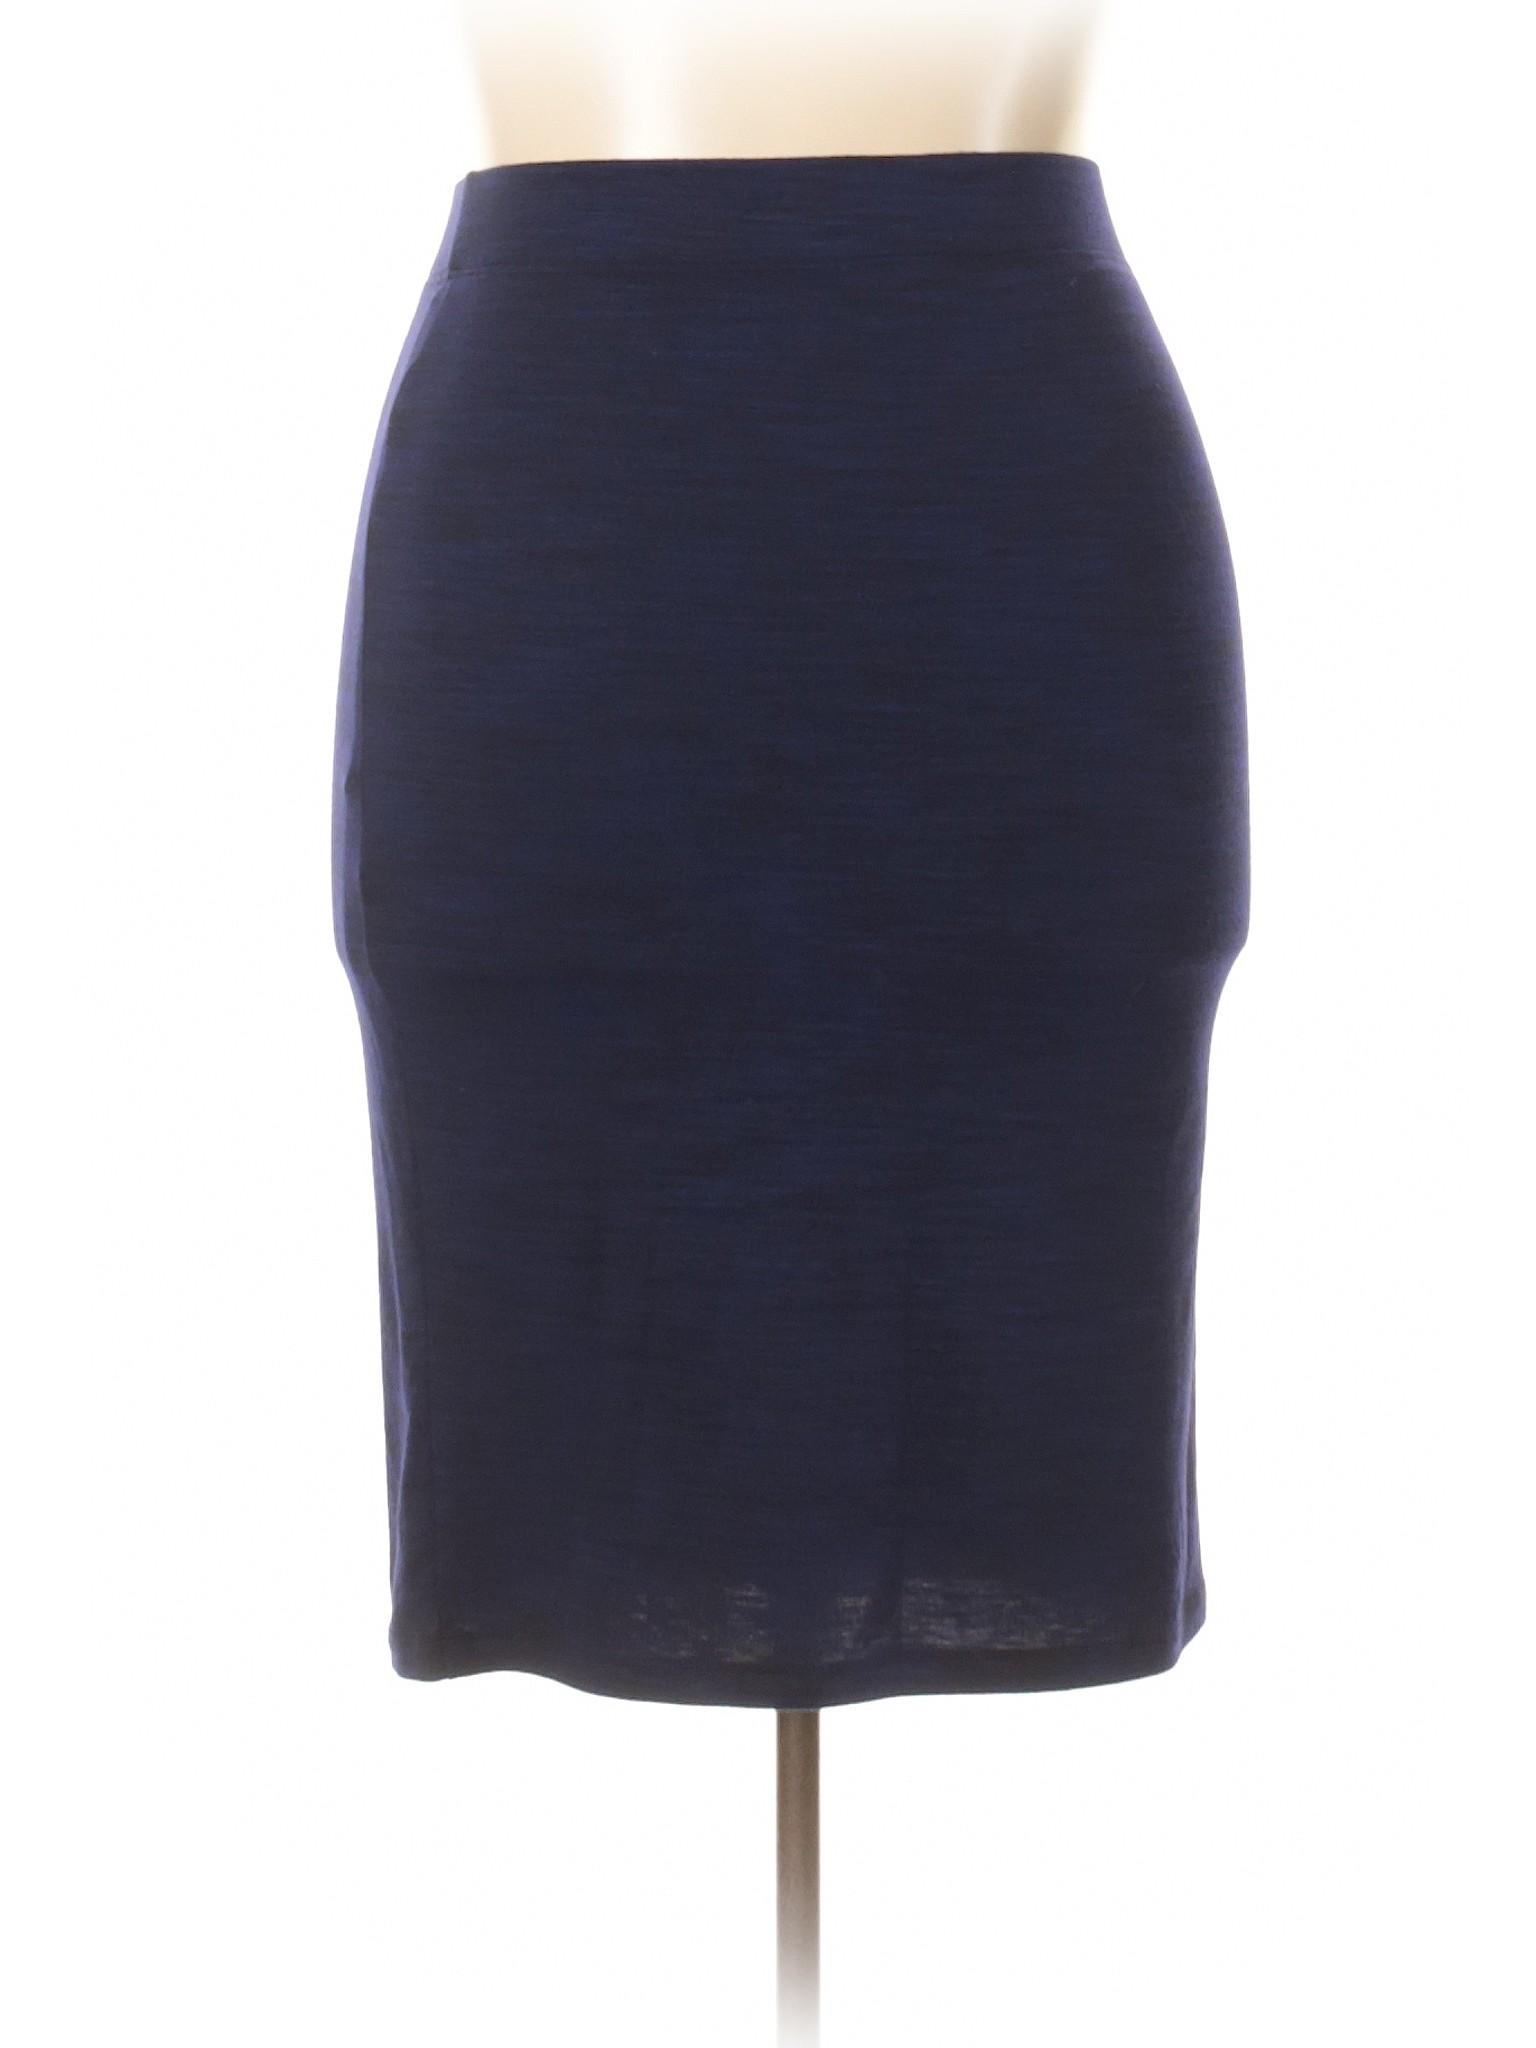 Casual Boutique Casual Casual Boutique Boutique Skirt Skirt wqv5FgnP